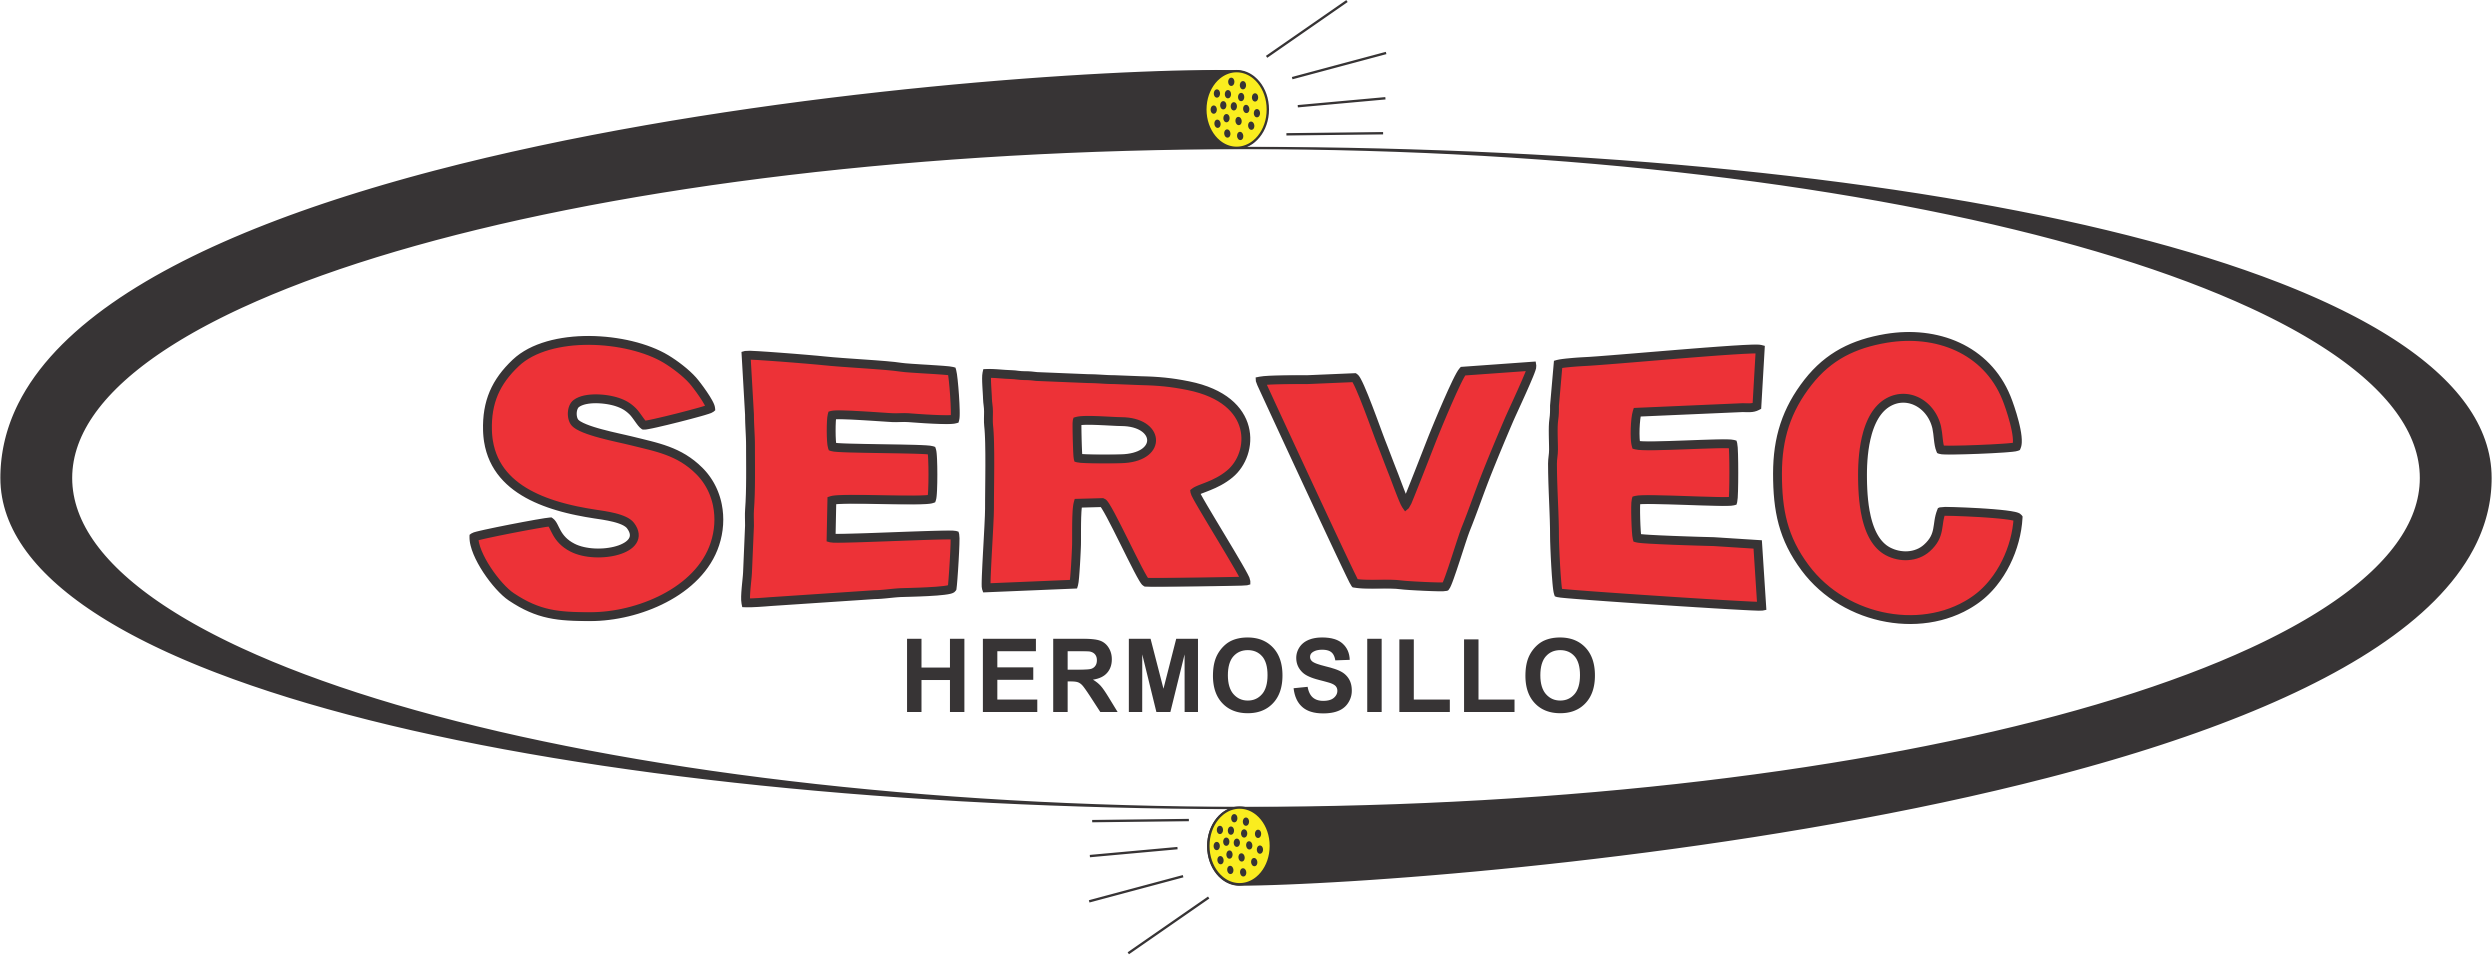 Servec Hermosillo